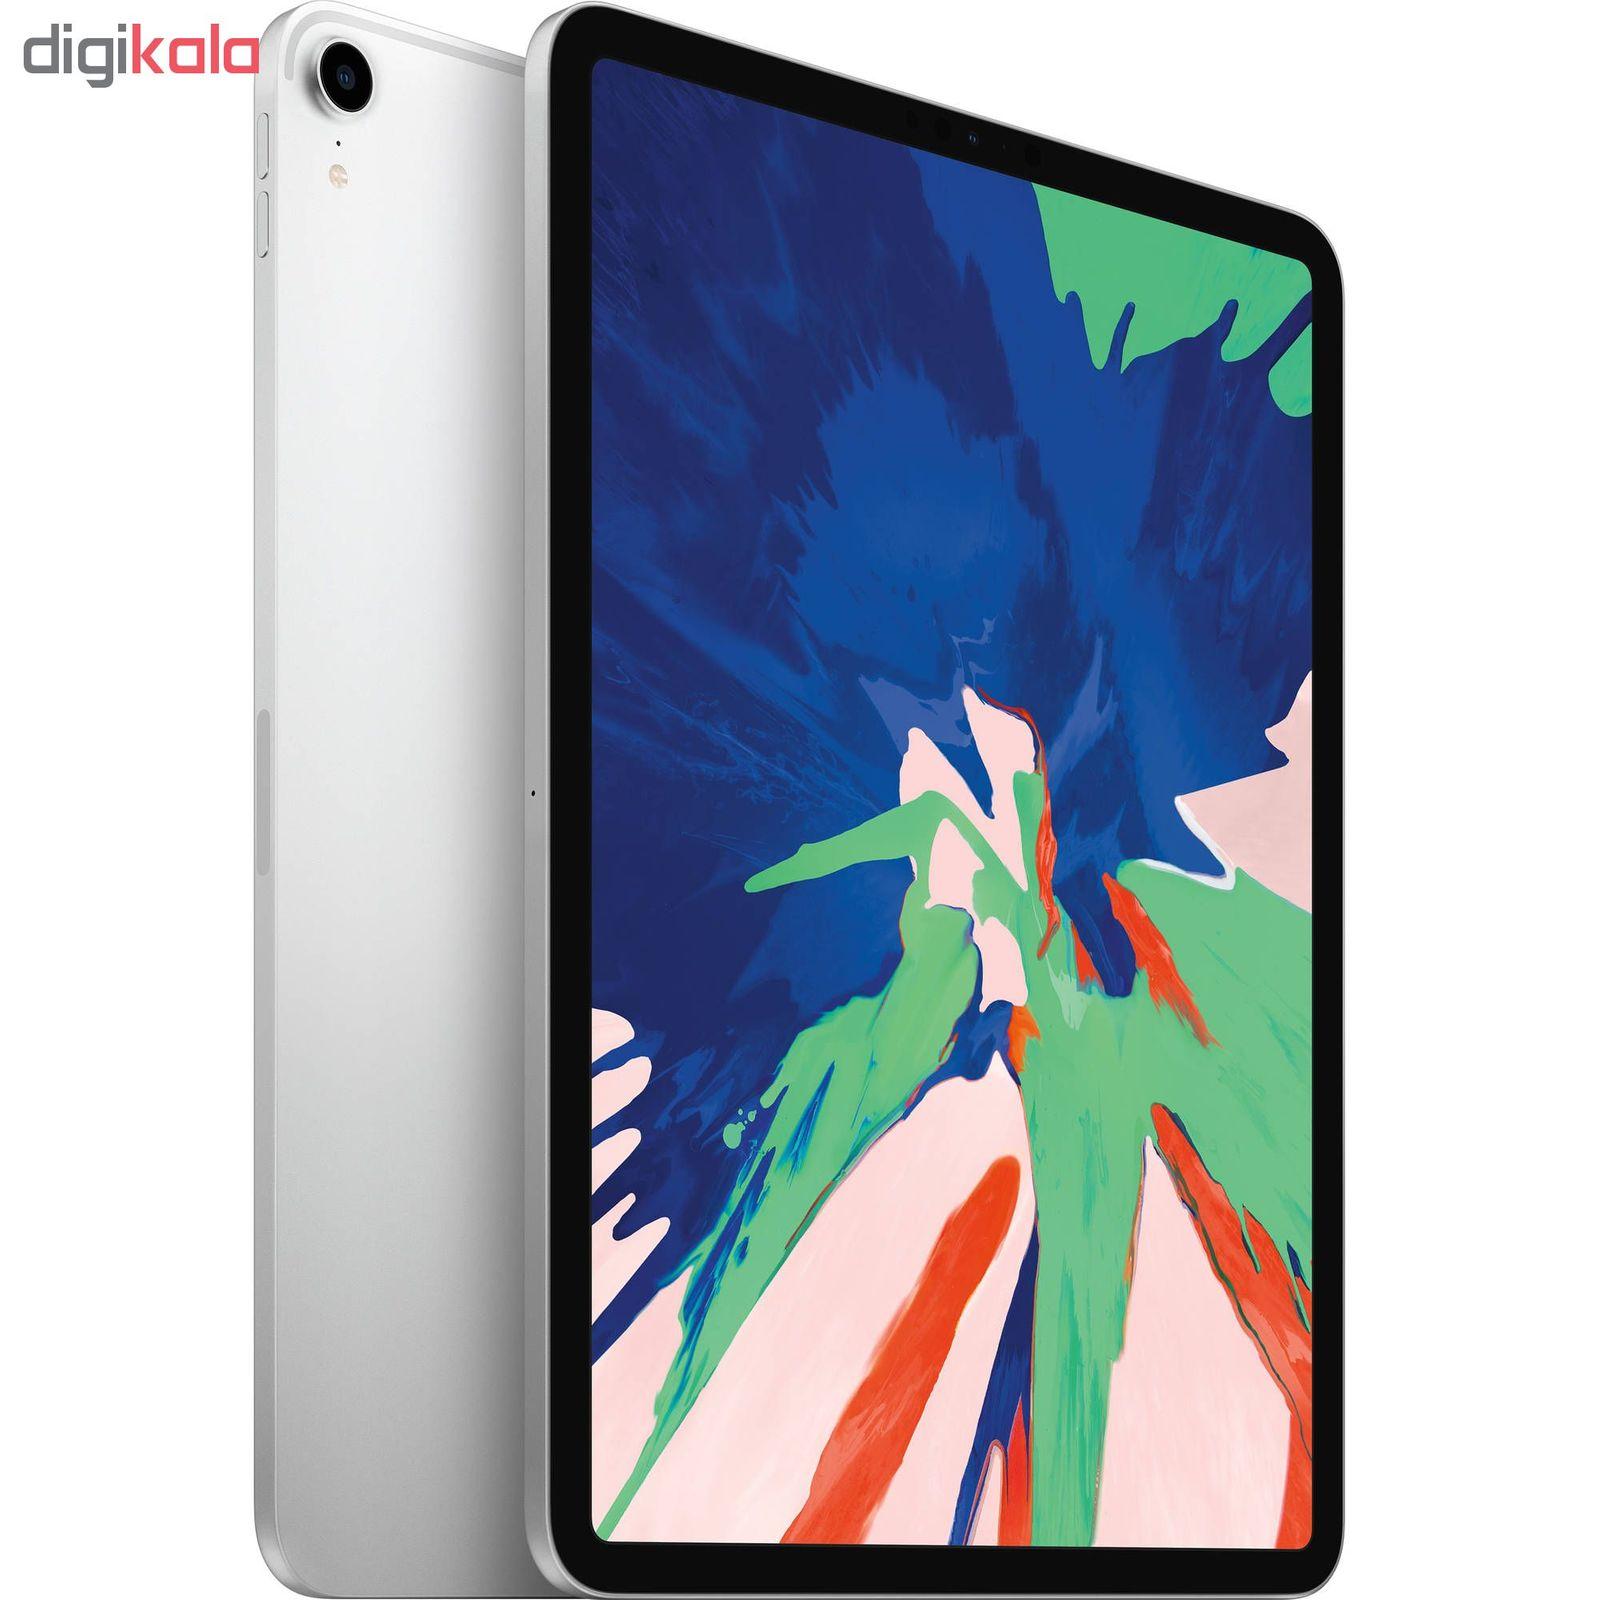 تبلت اپل مدل iPad Pro 2018 11 inch 4G ظرفیت 64 گیگابایت main 1 1